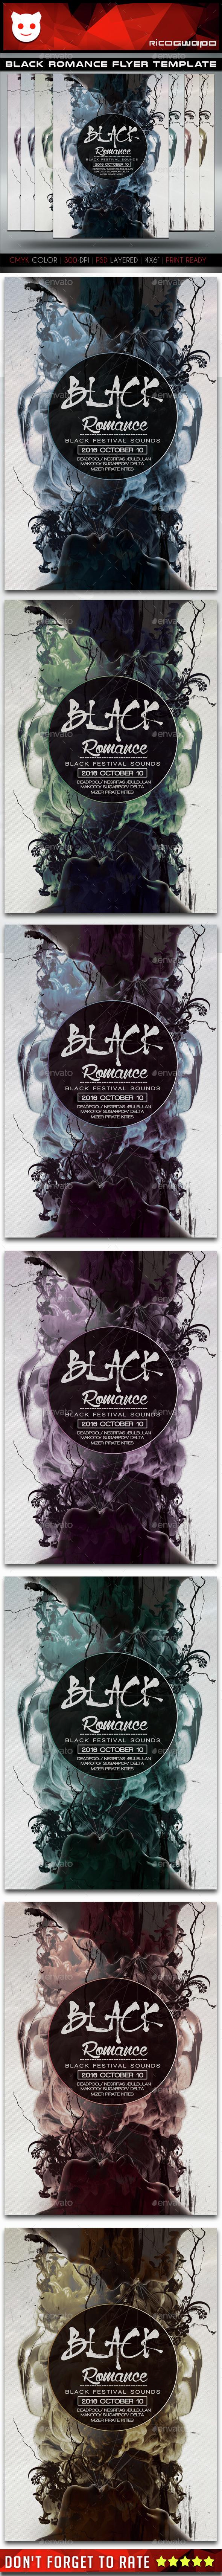 Black Romance Flyer Template - Flyers Print Templates